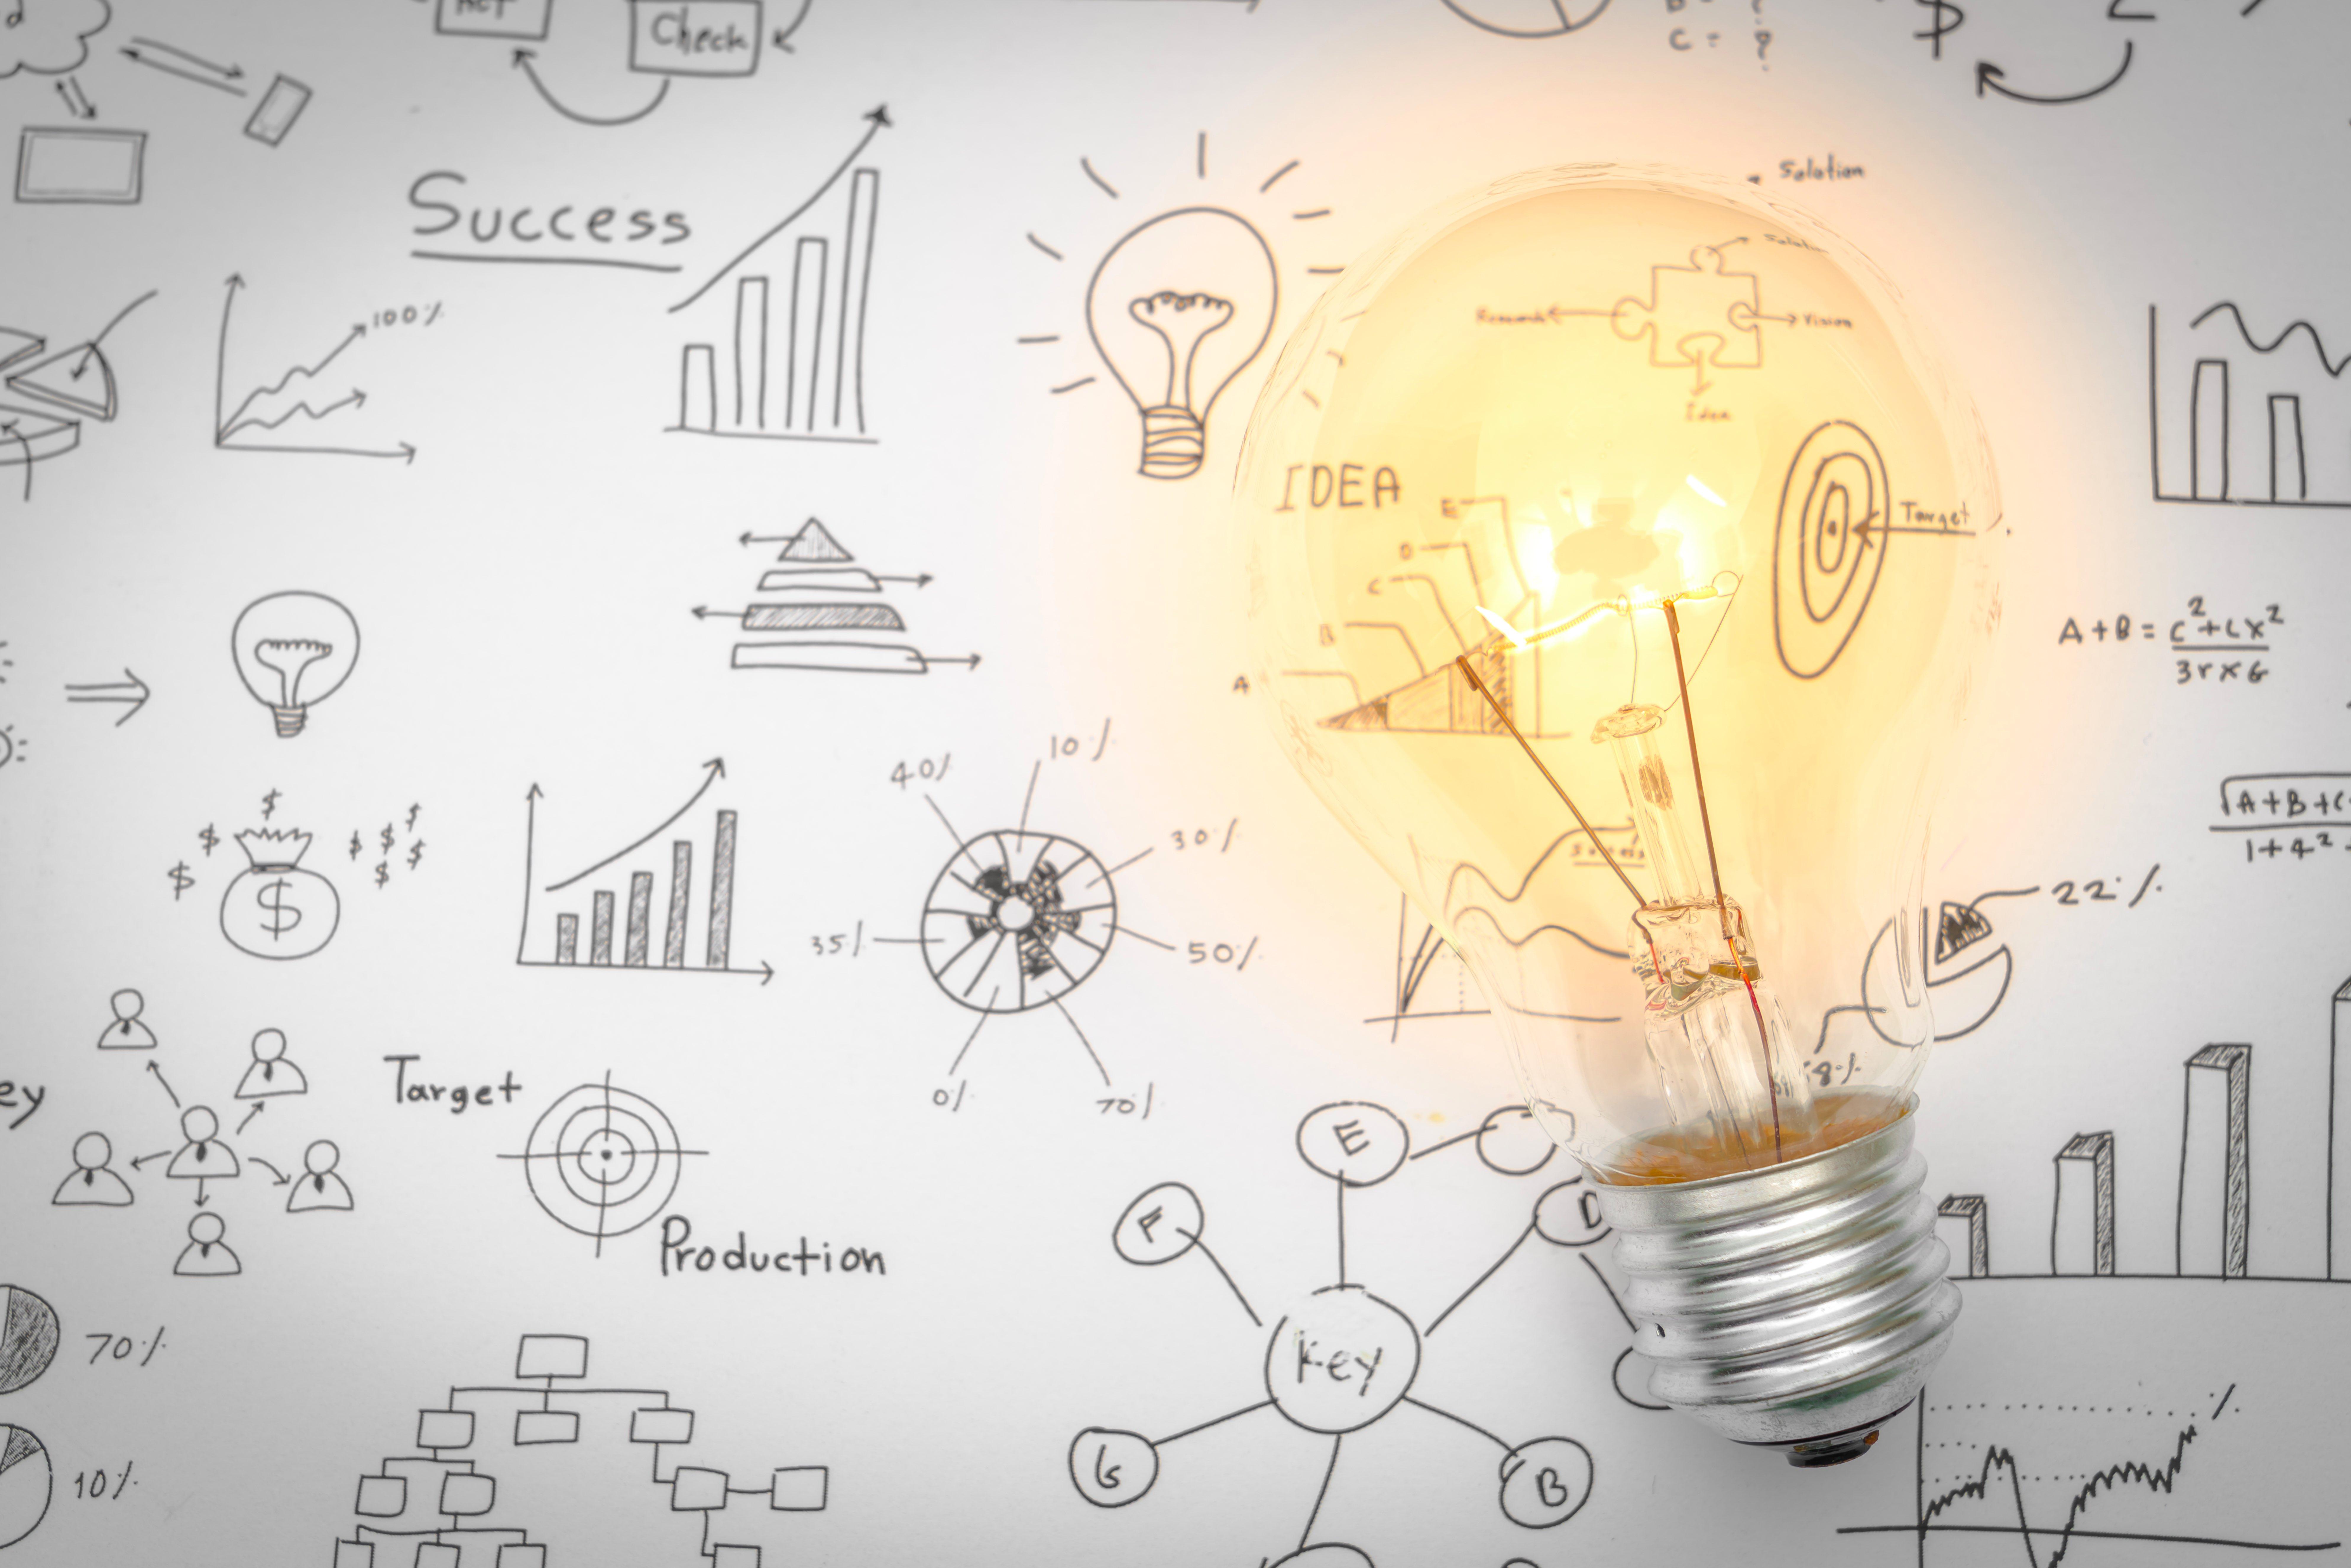 Trade marketing: jak wykorzystywać trendy konsolidacji rynkowej na poziomie dystrybucji?